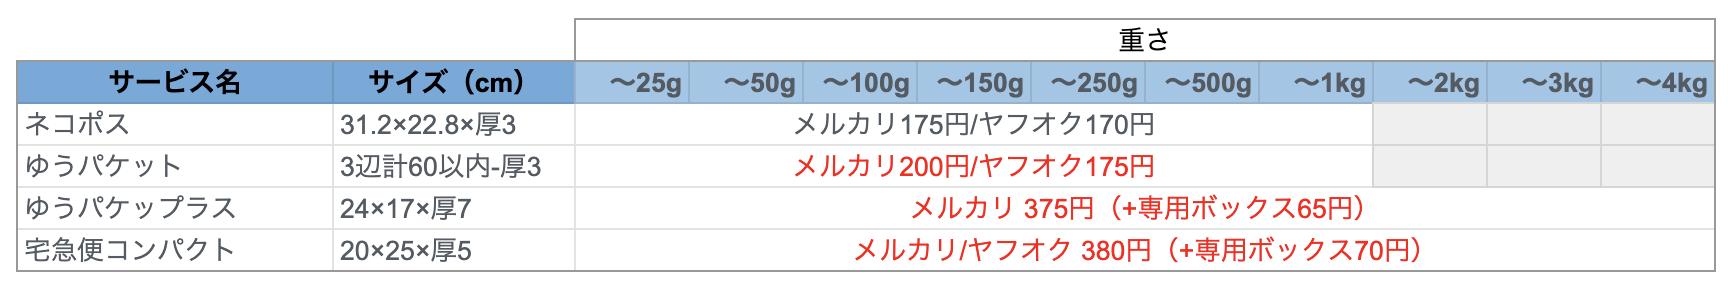 郵便・ヤマト・佐川の配送料比較(早見表)-2020年10月版